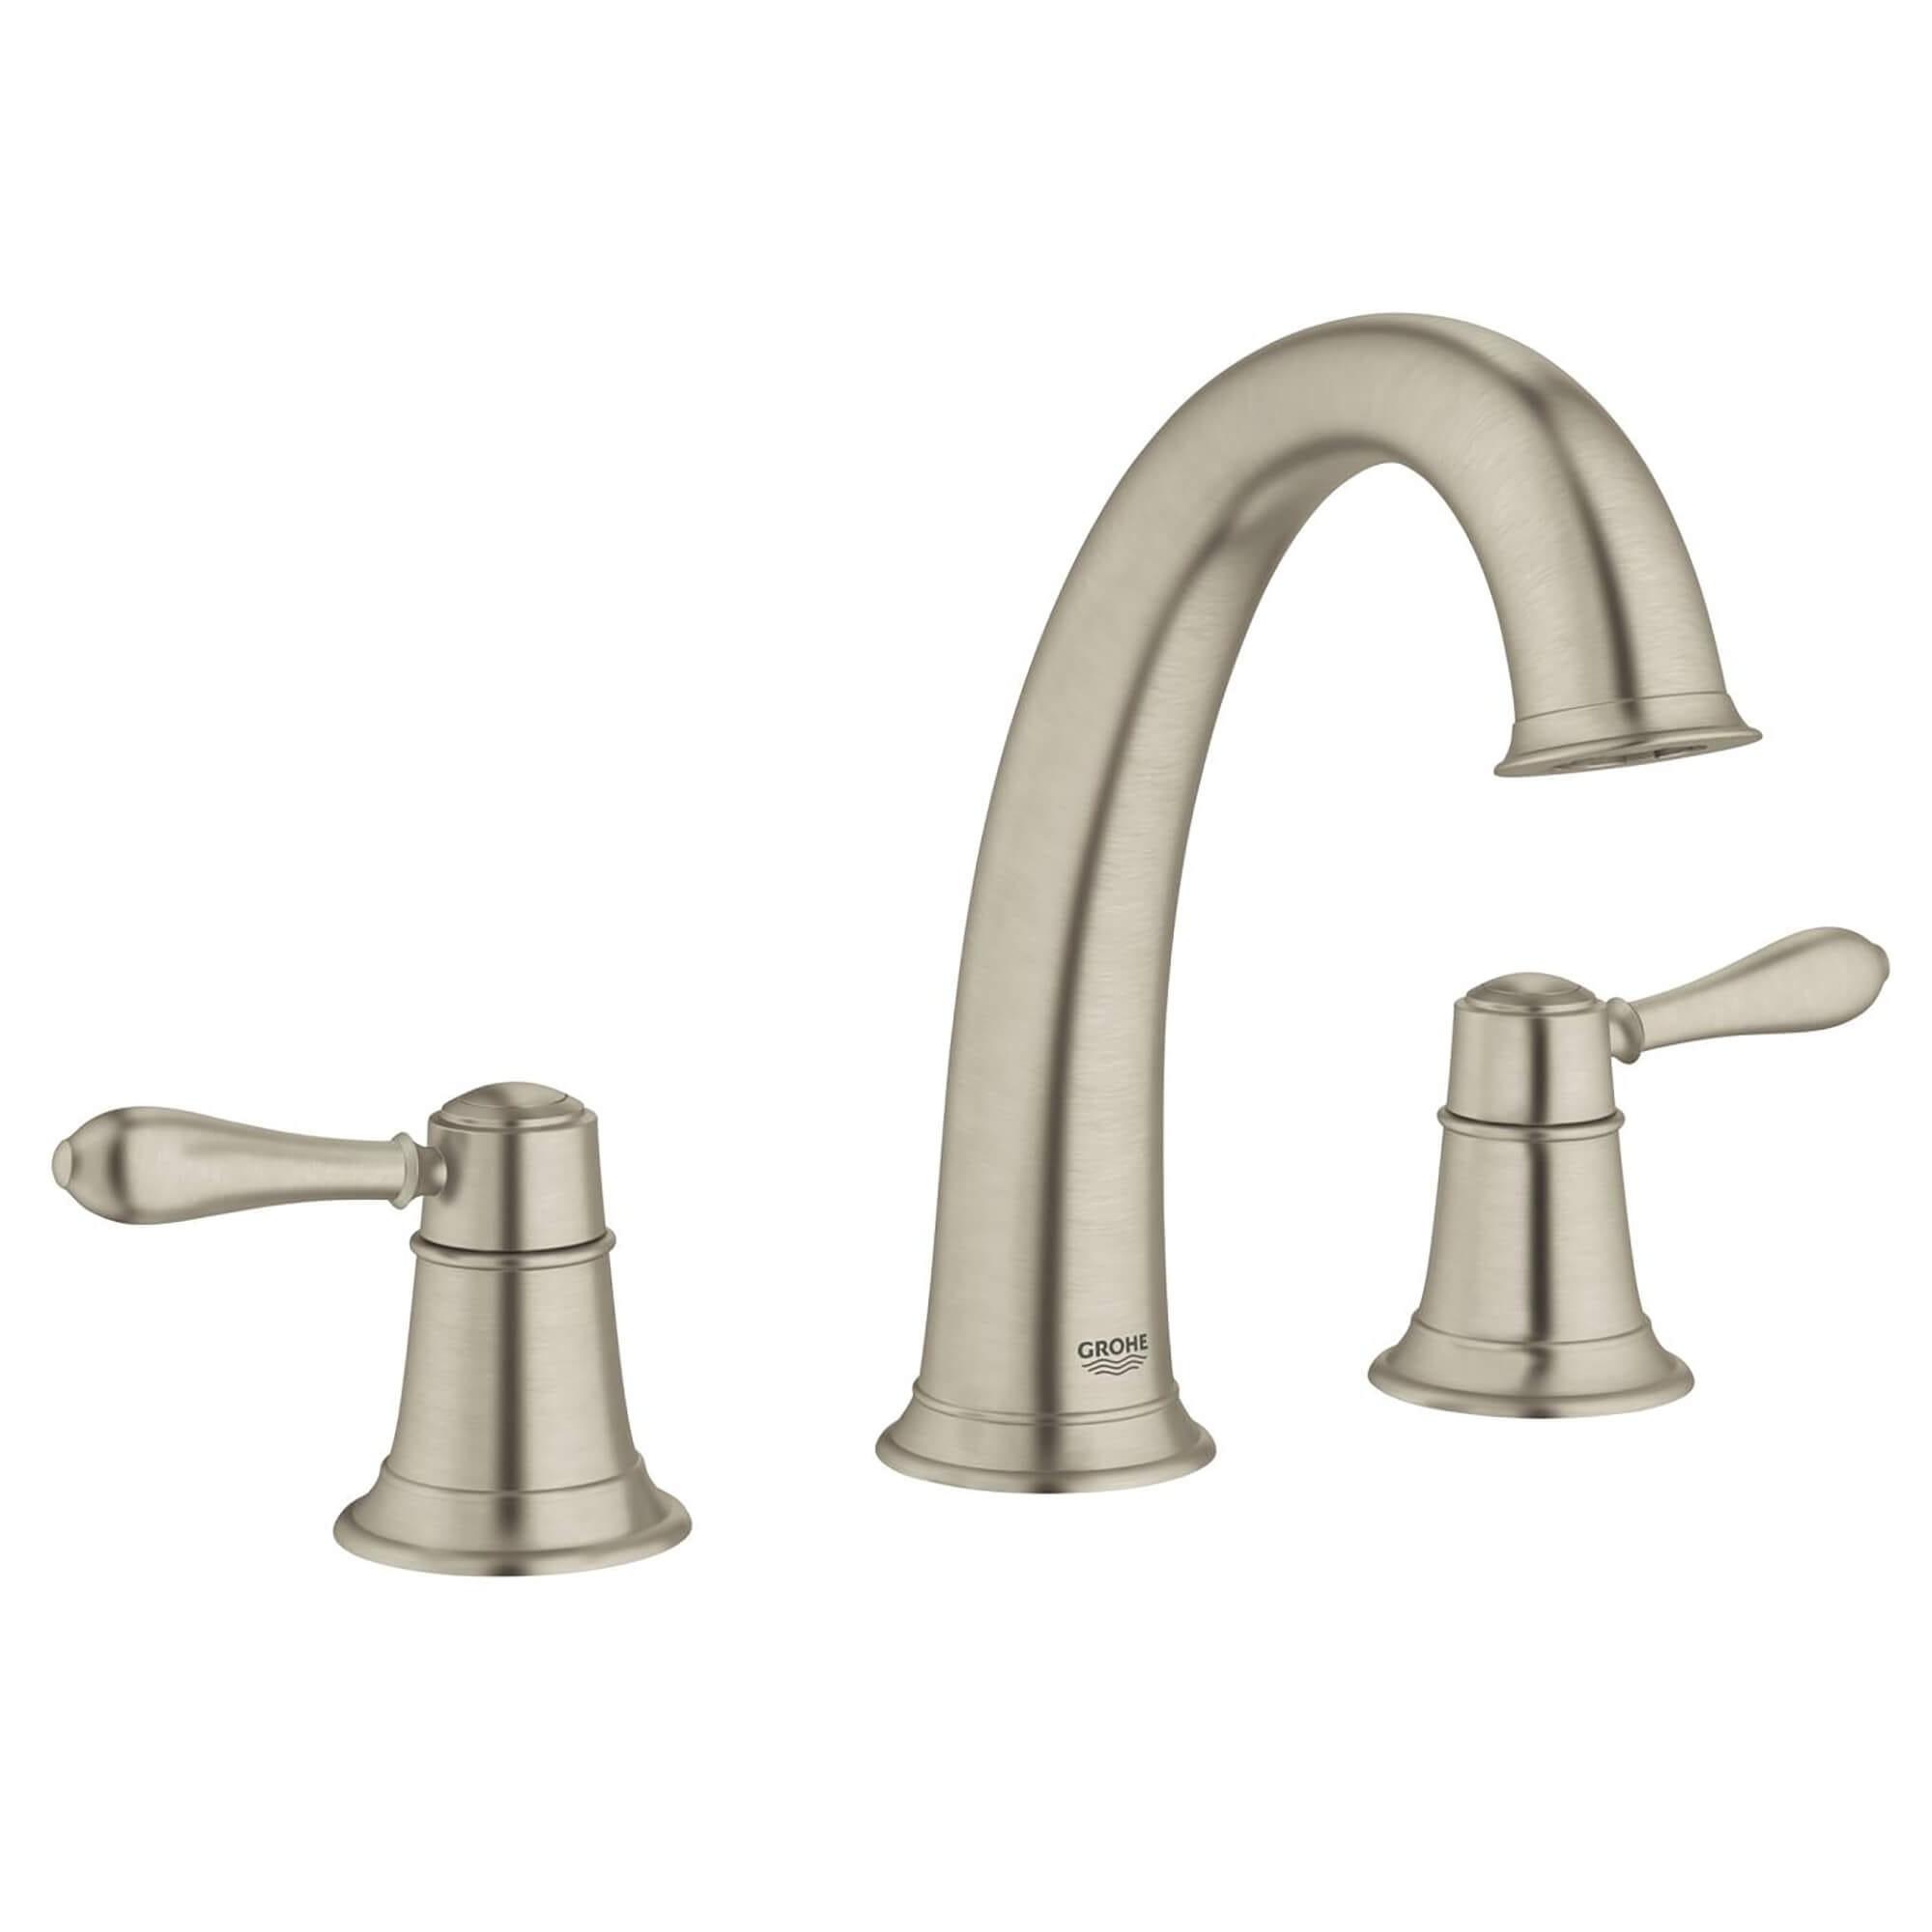 Grohe 25160EN0 2Handle Tub Faucet, Brushed Nickel